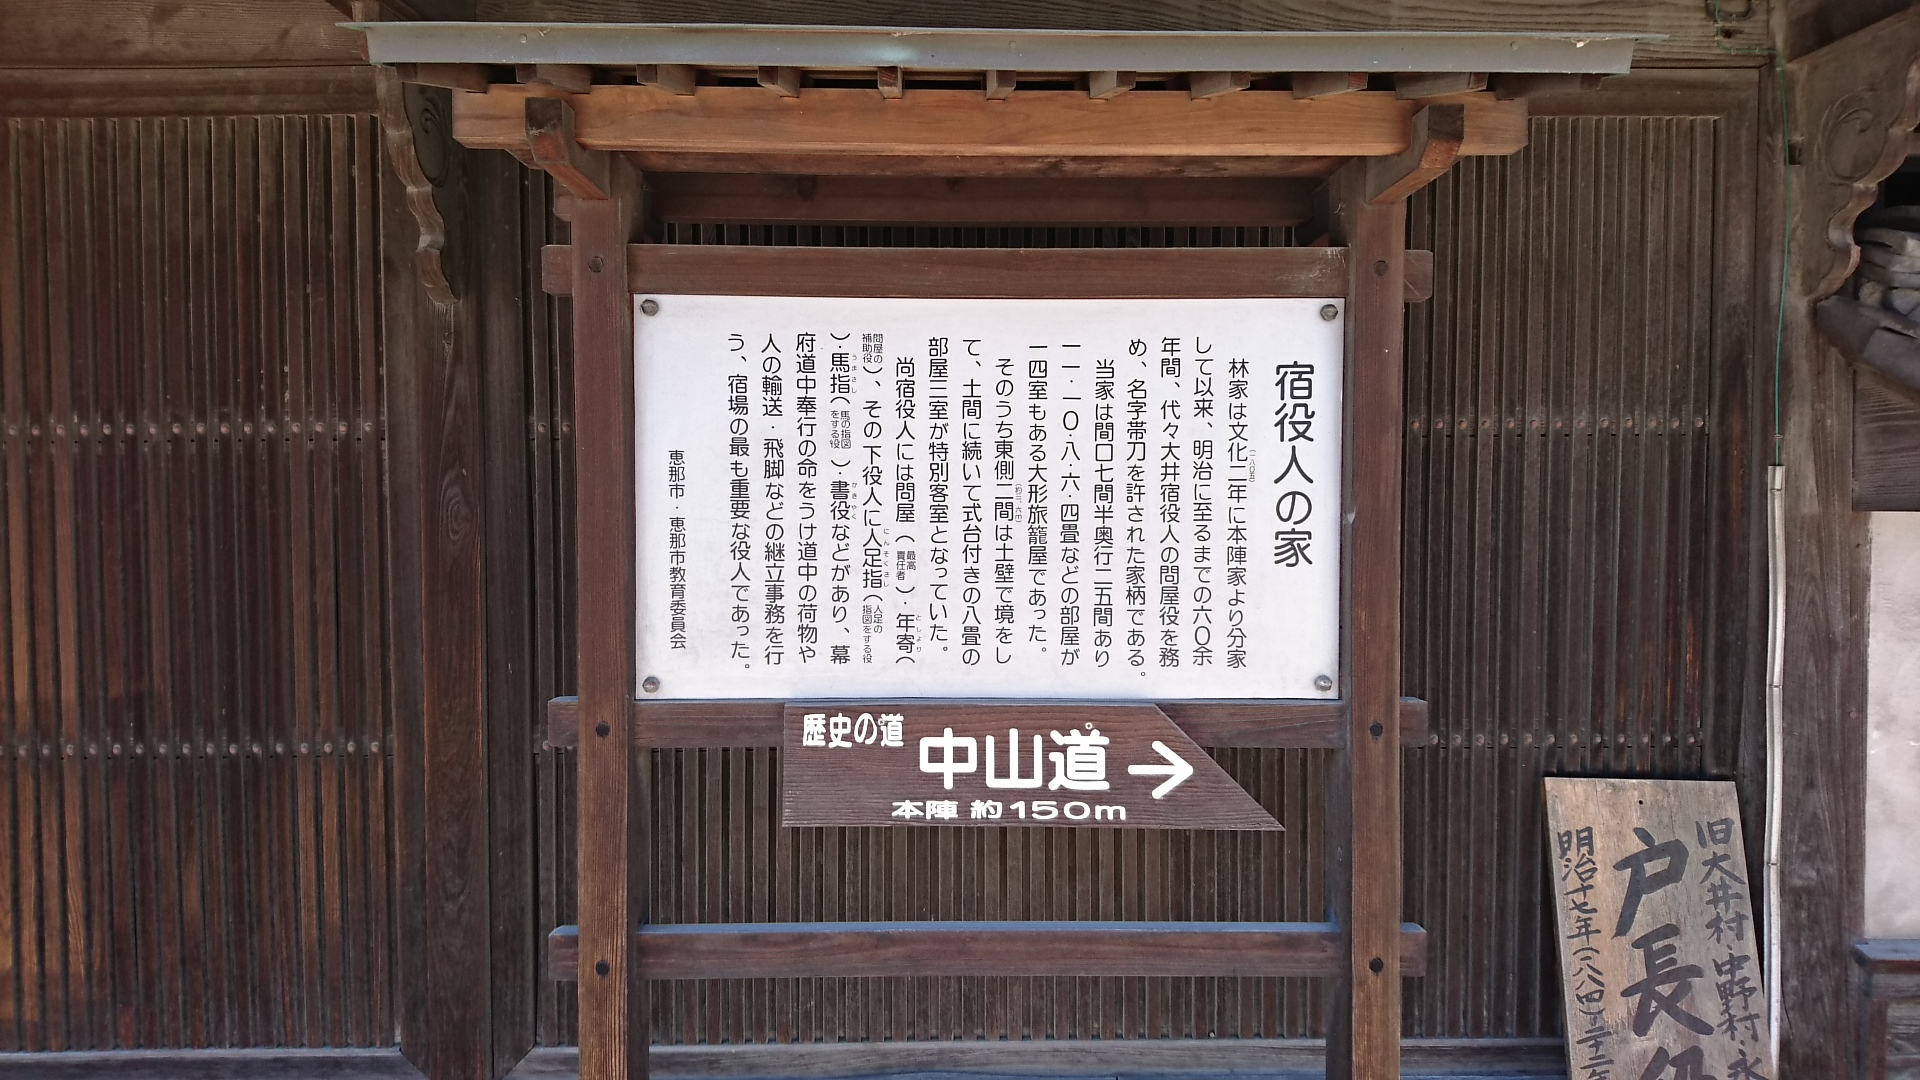 2017.5.19 大井 (59) 中山道 - 宿役人のいえ 1920-1080